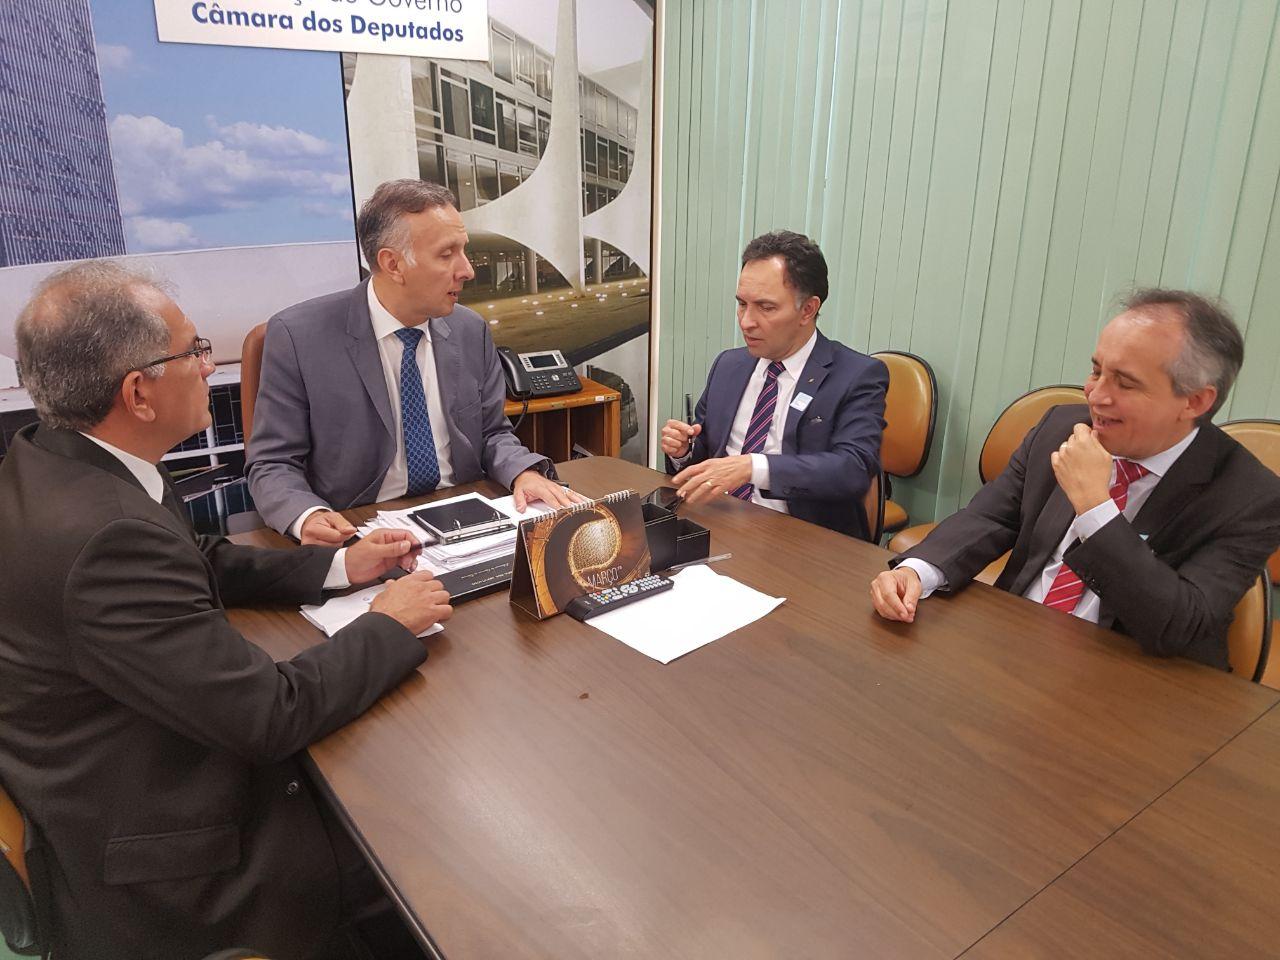 Prefeito Vital Costa se reúne em Brasília com vice-presidente de Governo do BB pautando o restabelecimento dos serviços da agência em Araruna